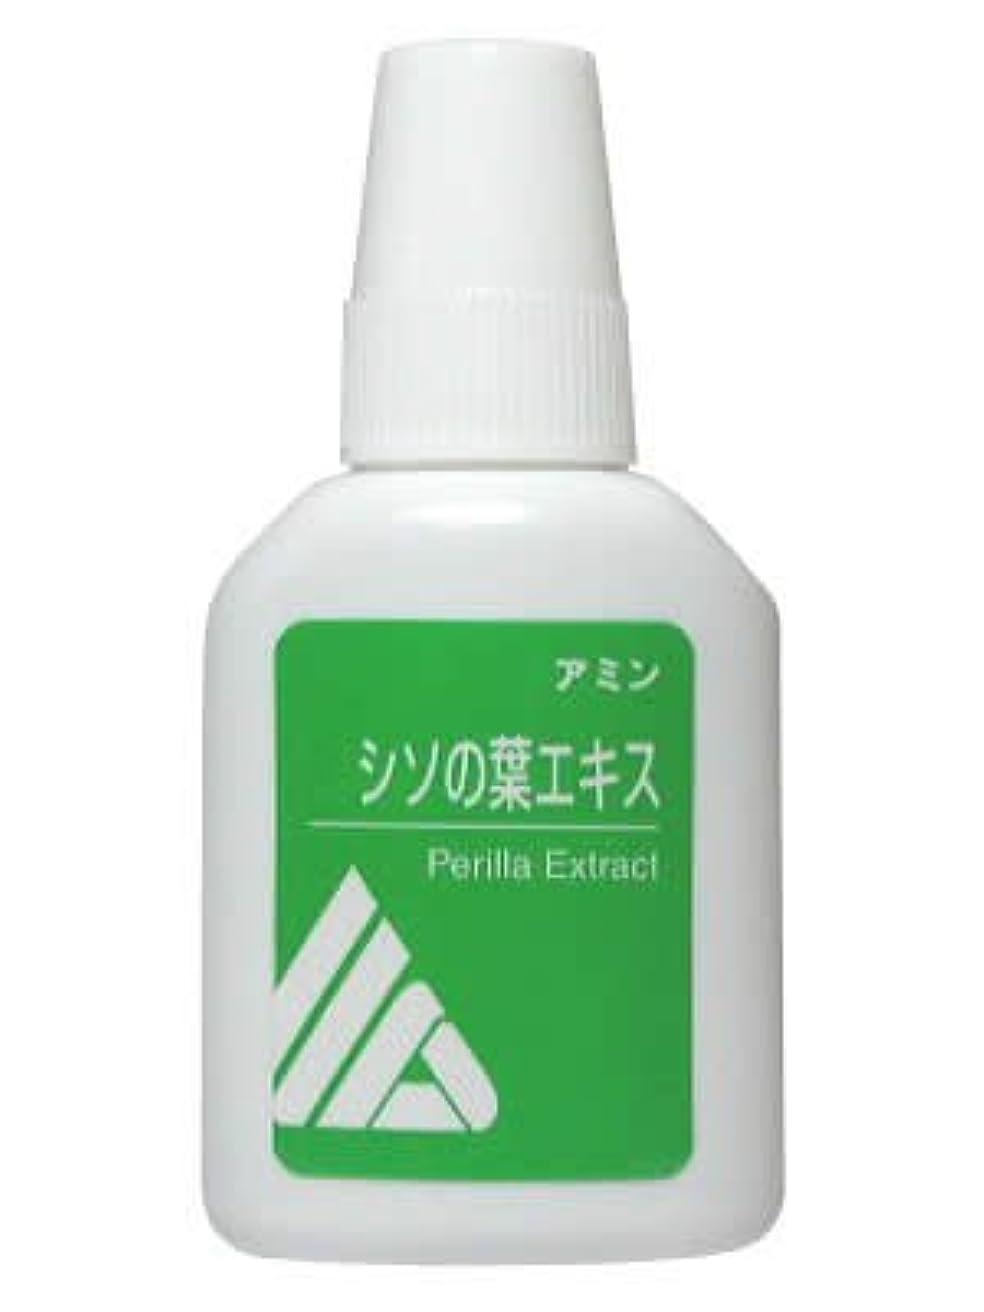 食用メーター面白いシソの葉エキス アミン 20ml